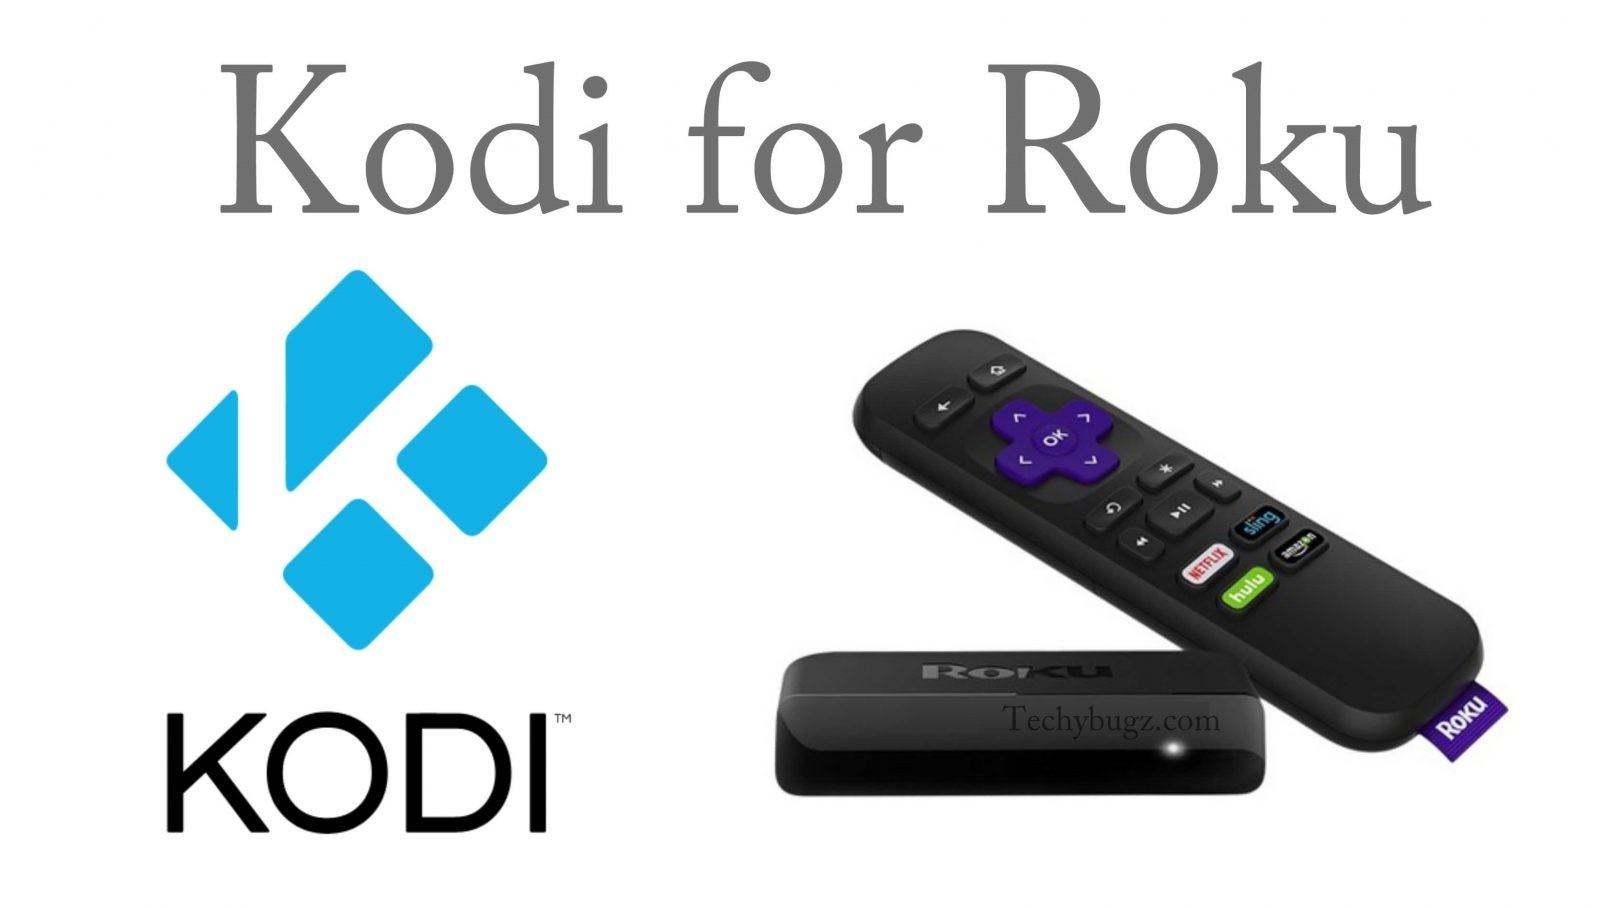 How to Download and Setup Kodi for Roku? - Techy Bugz